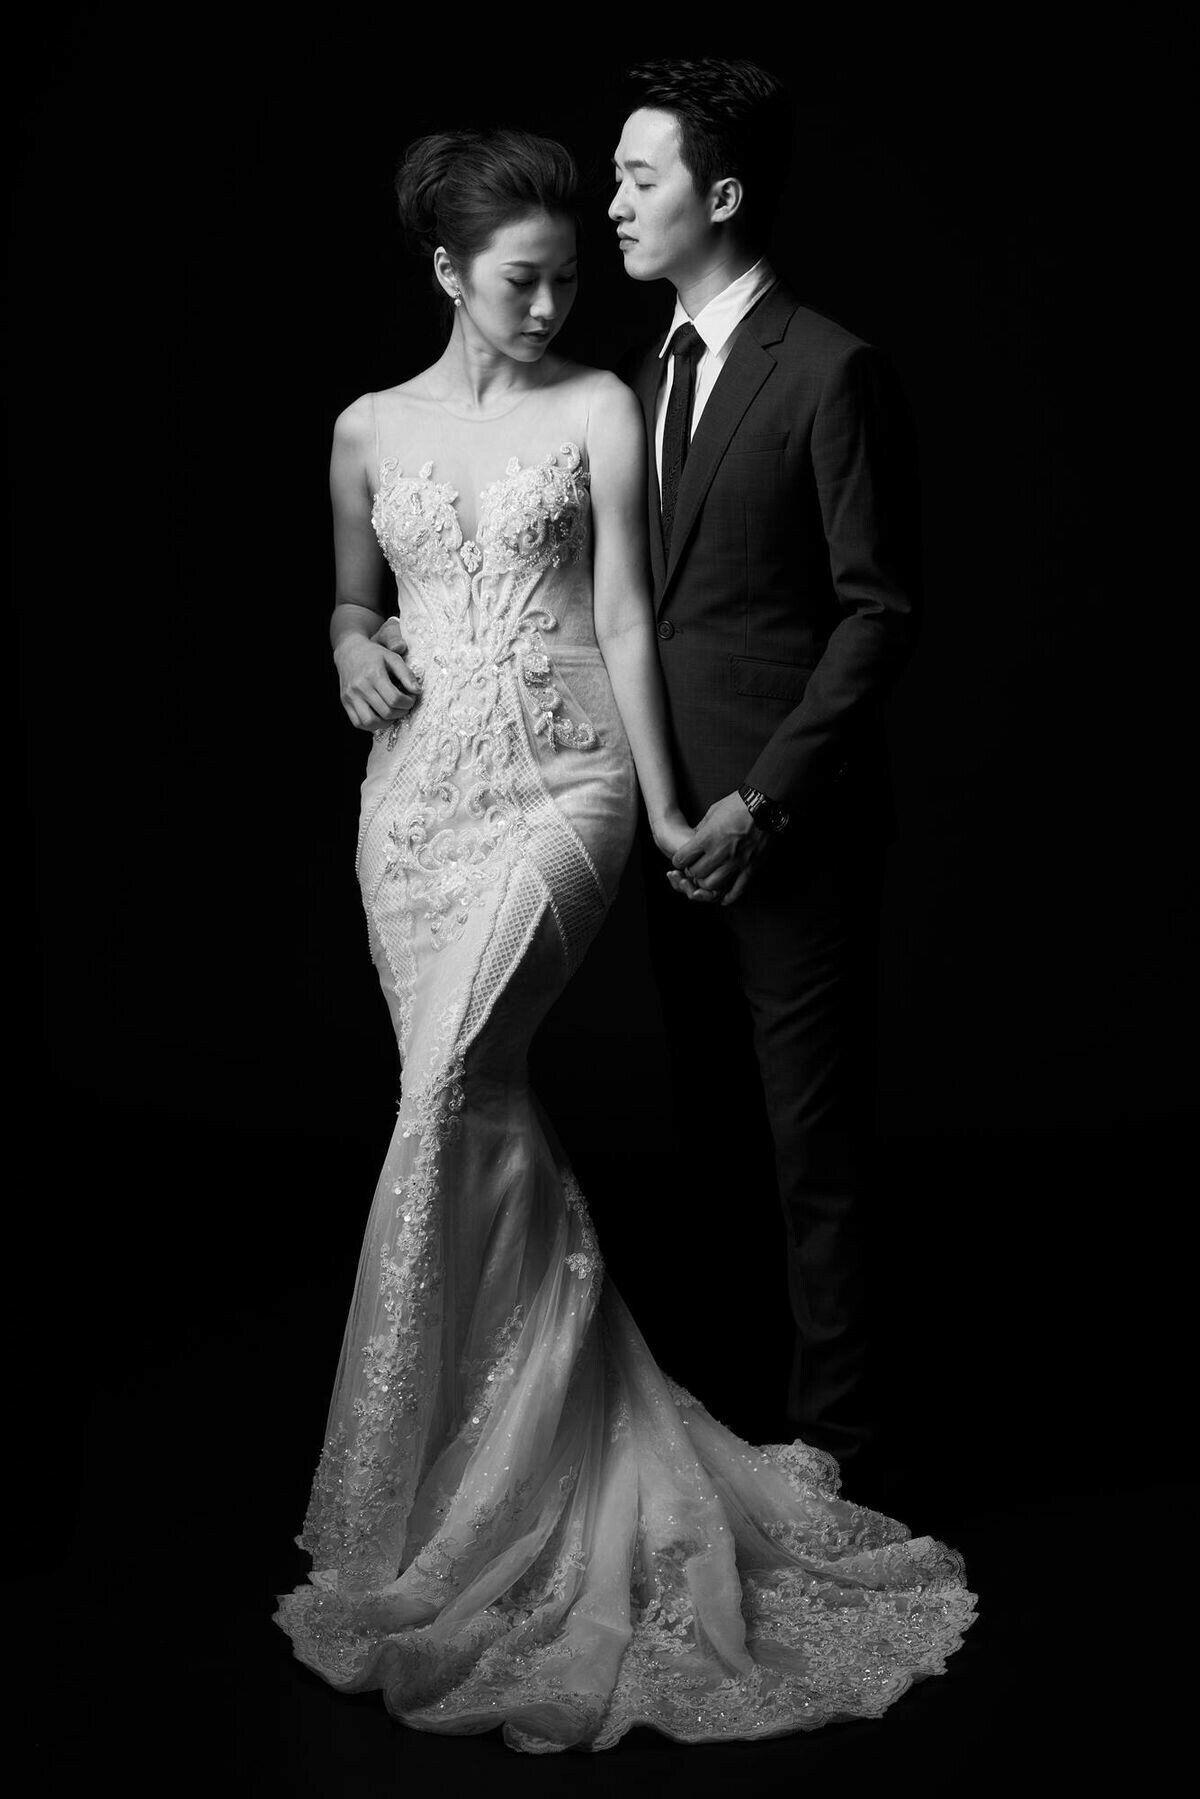 beautiful bride u groom poses ideas wedding pinterest